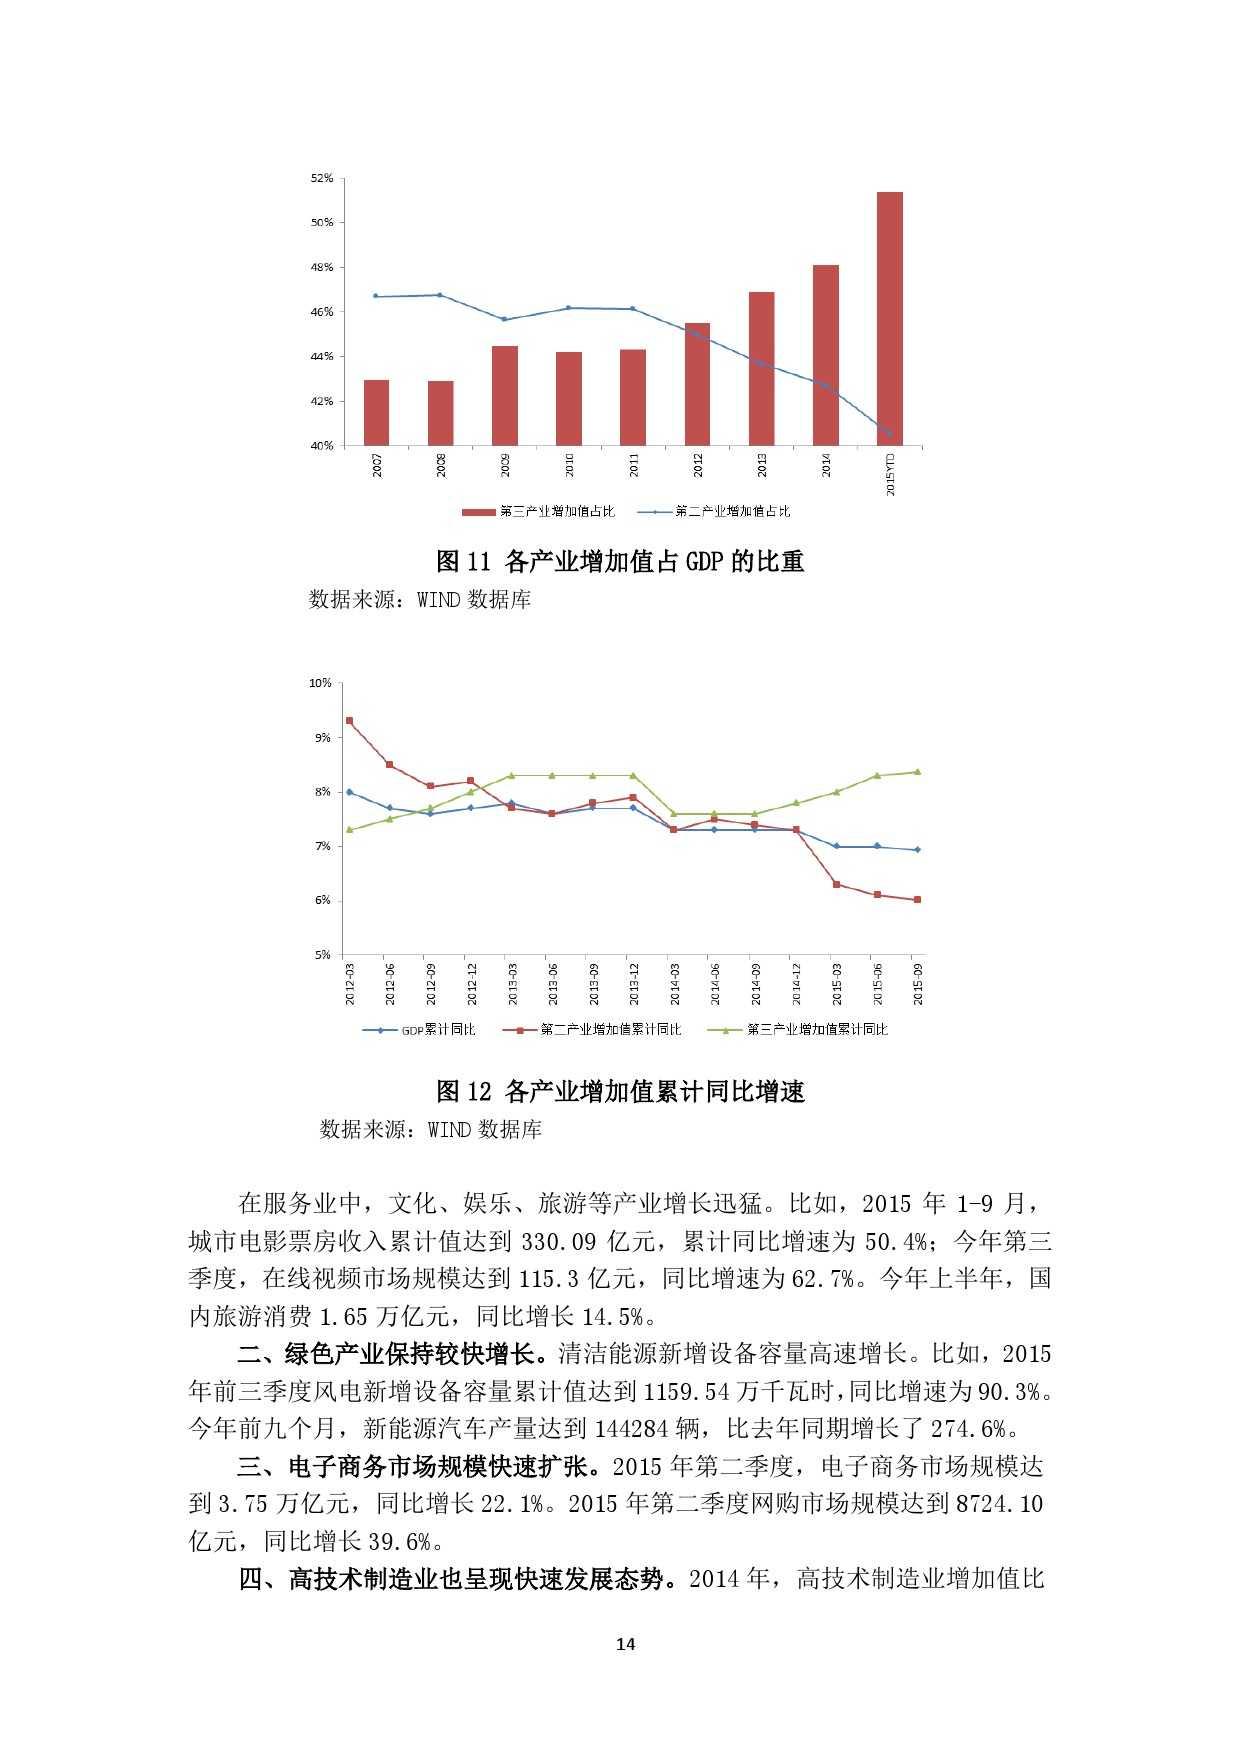 中国人民银行:2016 年中国宏观经济预测_000014